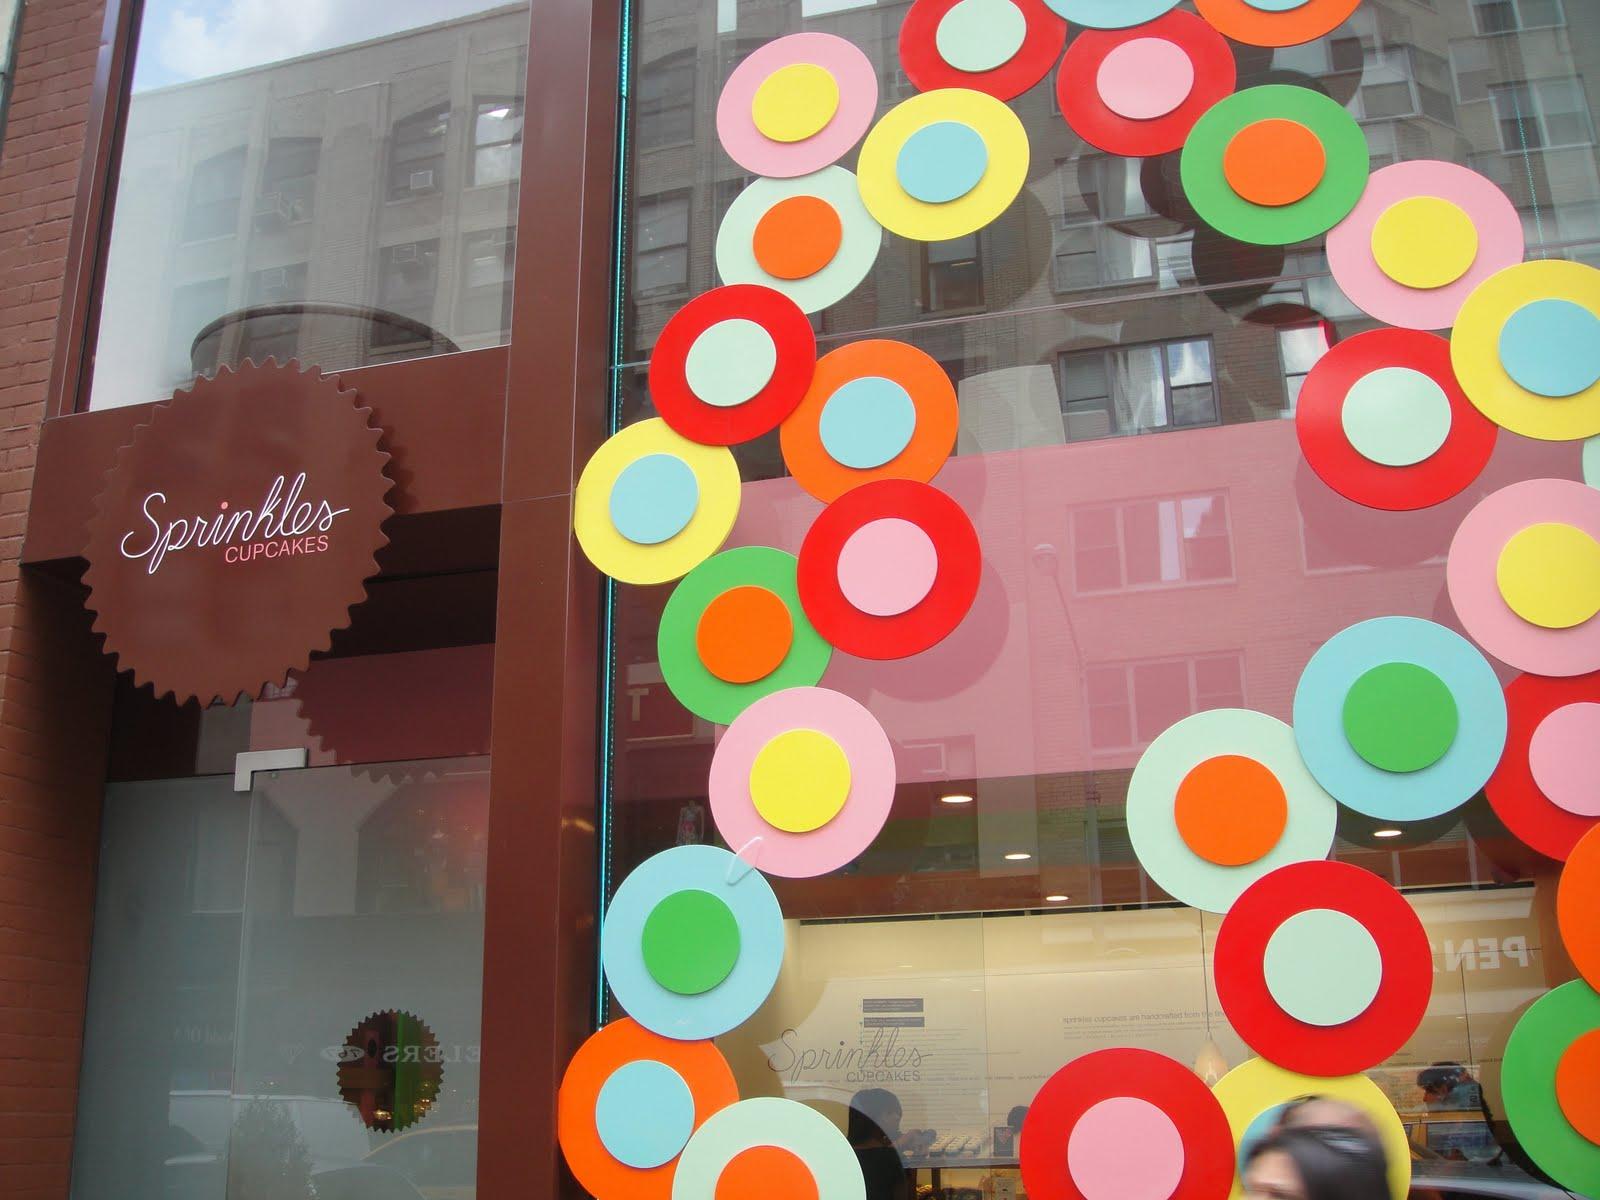 Sprinkles Cupcakes Retail Design